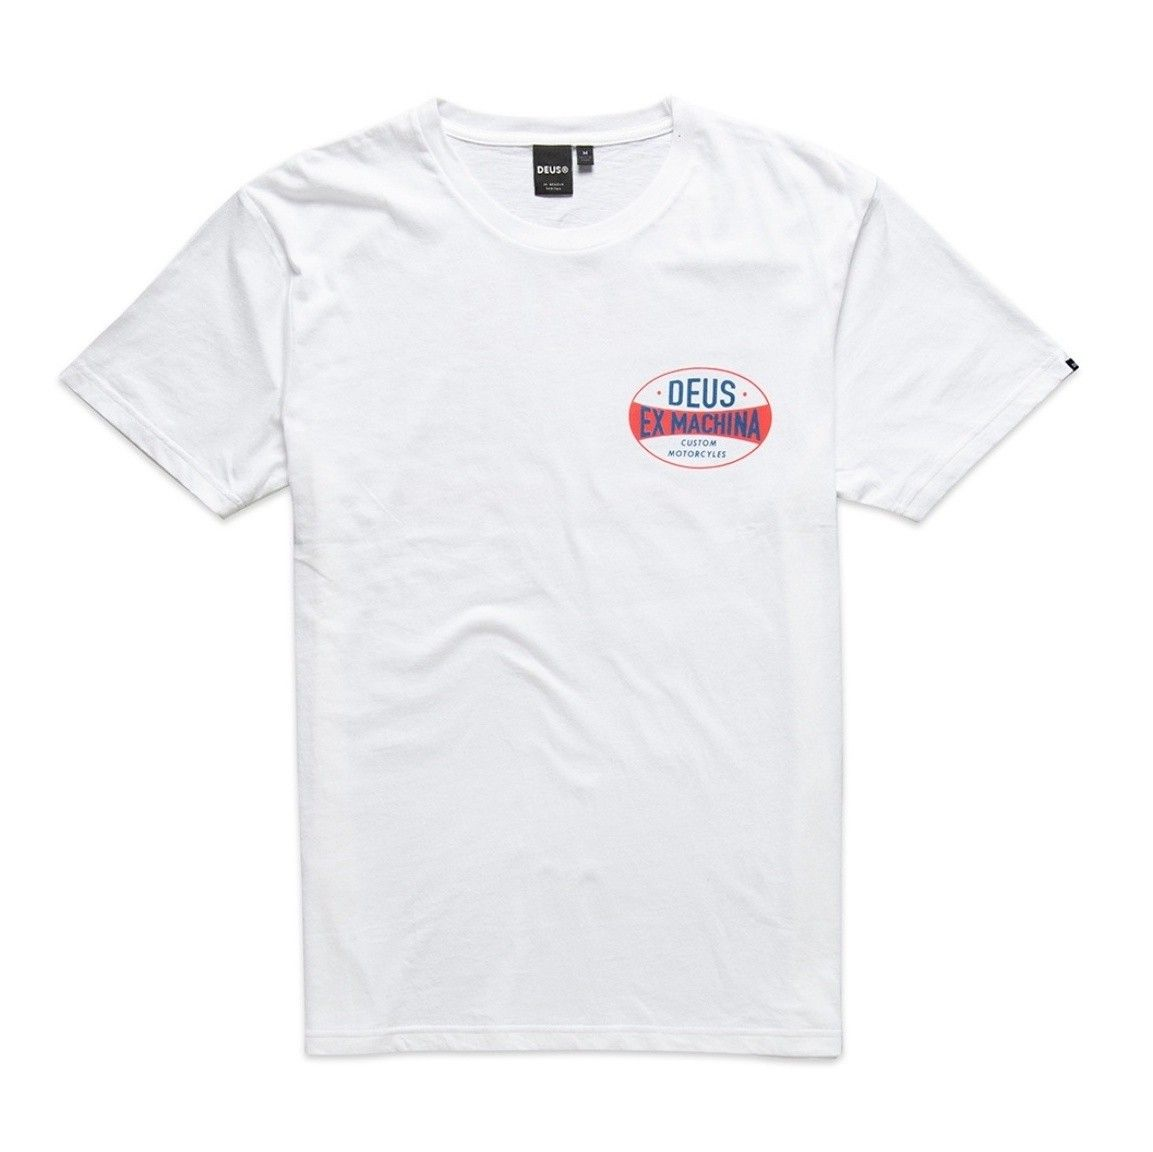 DEUS EX MACHINA - Herren T-Shirt - Chroma Shirt - White